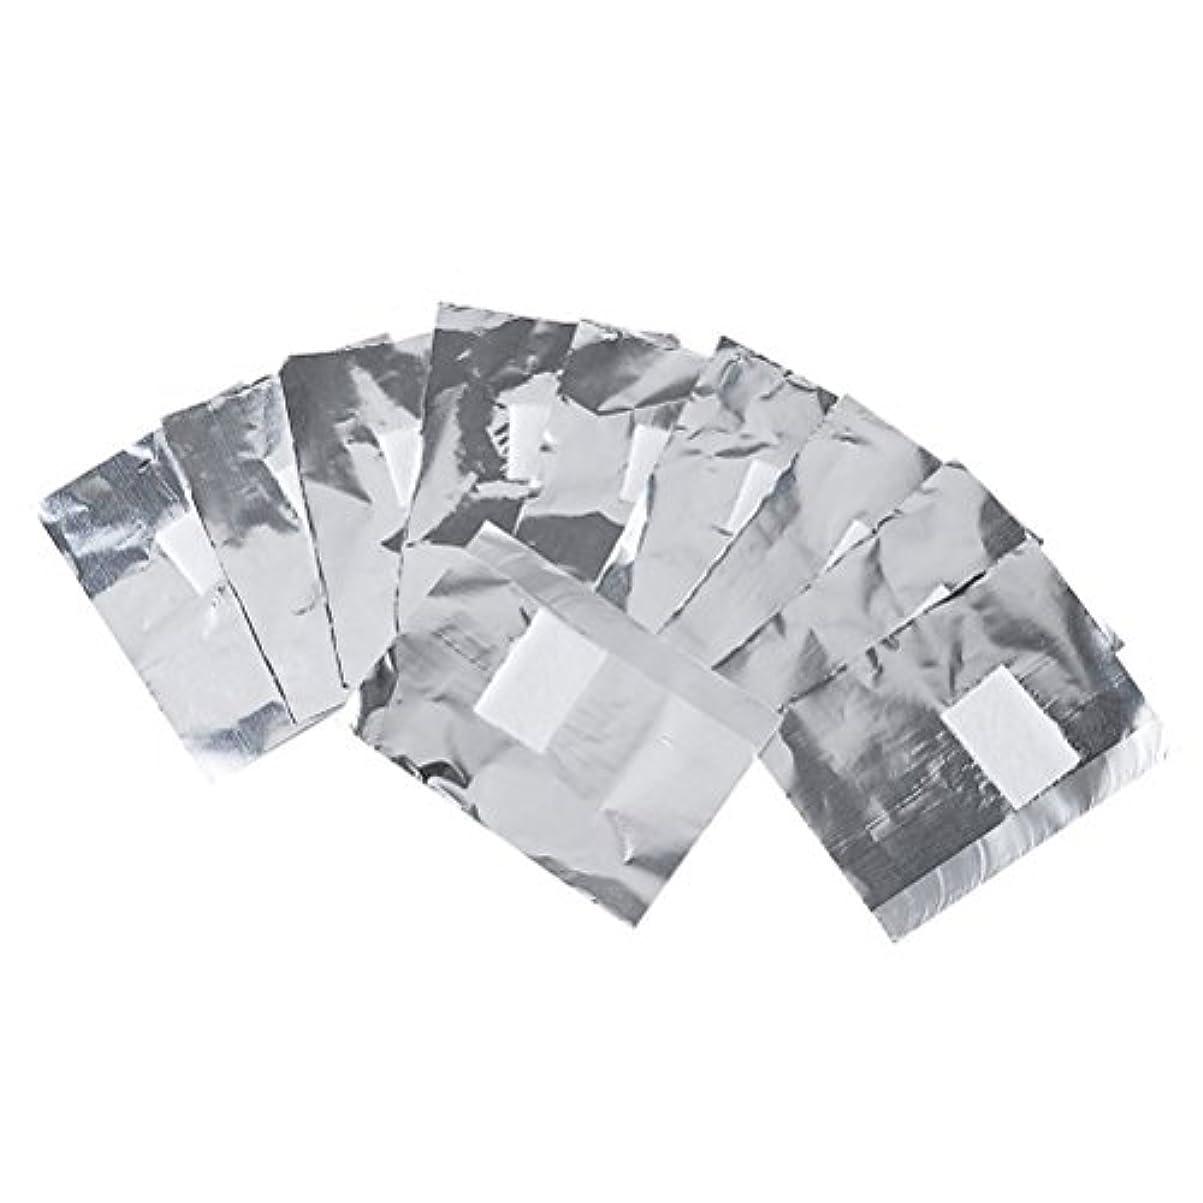 プロット階下利点Frcolor ネイルオフ ジェルオフリムーバー アクリルUVジェル ネイルポリッシュをきれいにオフする ジェル 使い捨て コットン付きアルミホイル ネイル用品 キューティクル 200枚